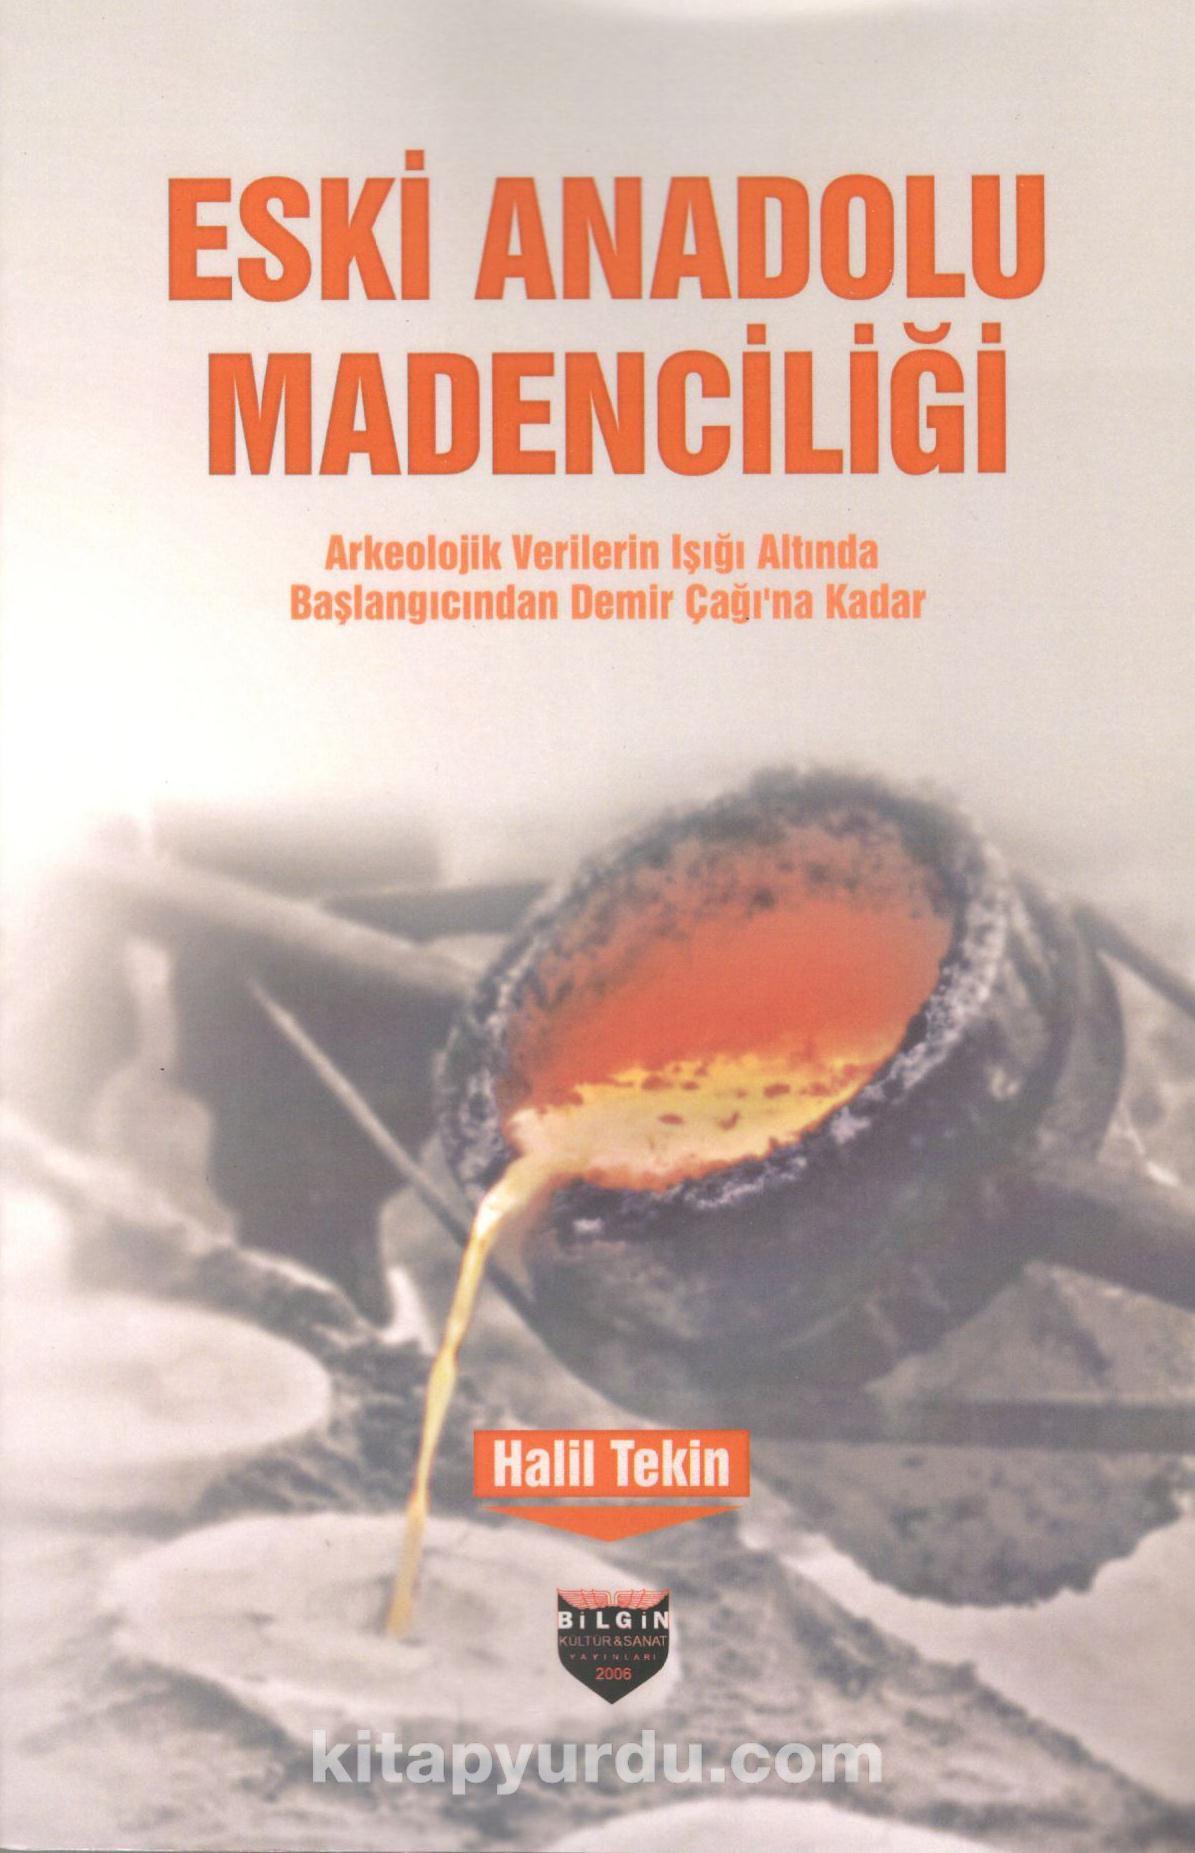 Eski Anadolu Madenciliği